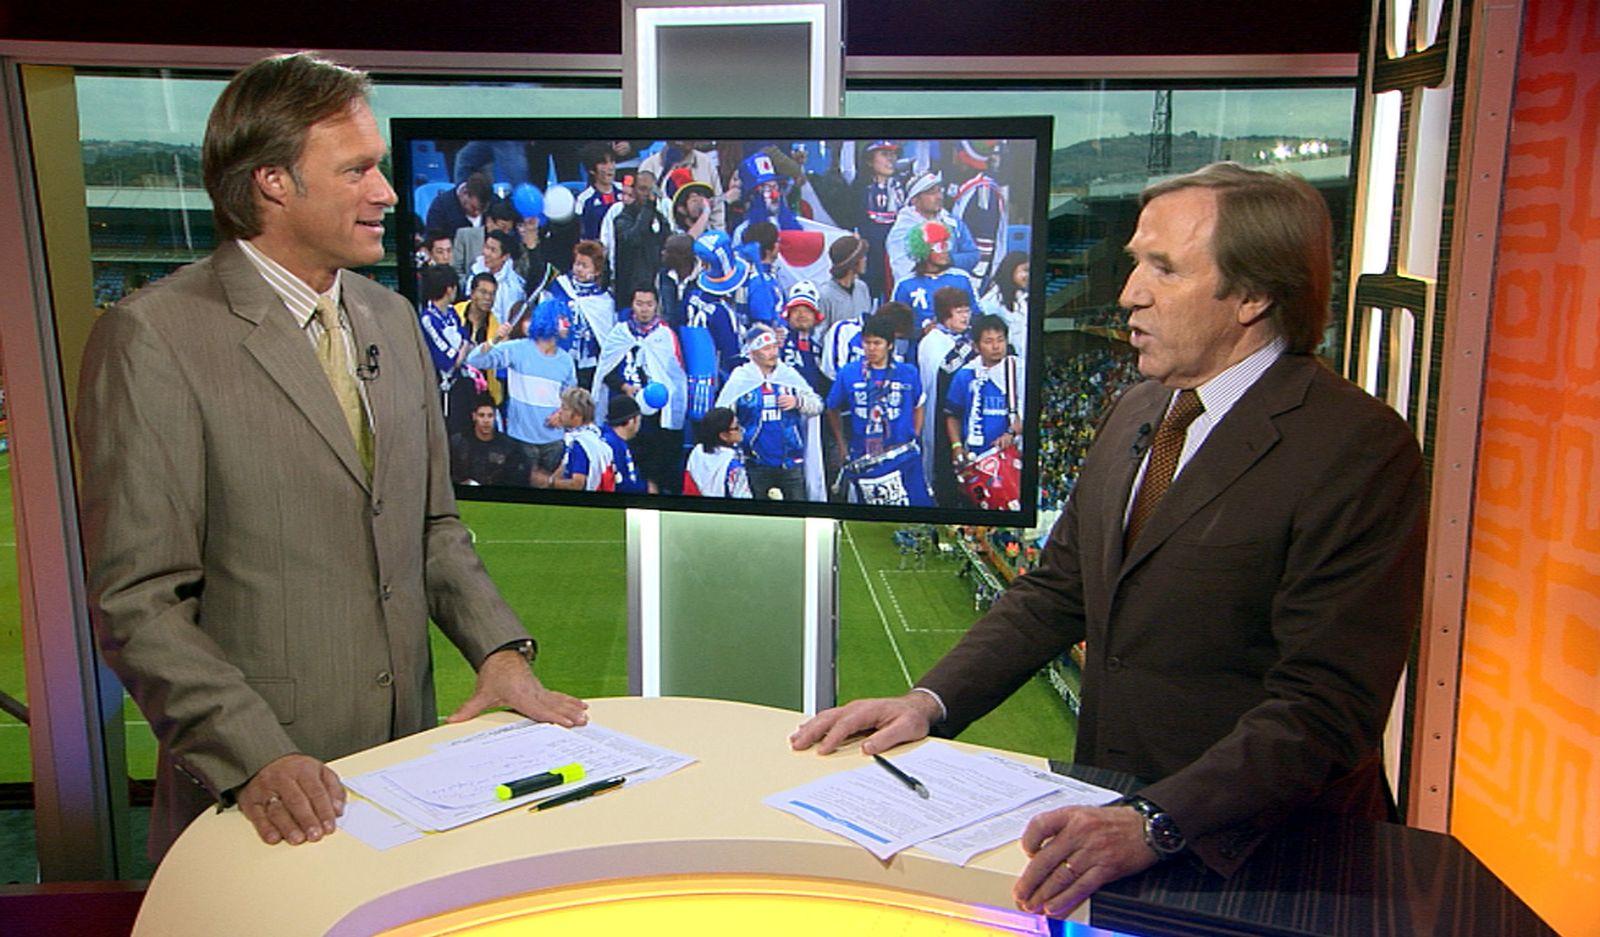 WM 2010 - Netzer und Delling